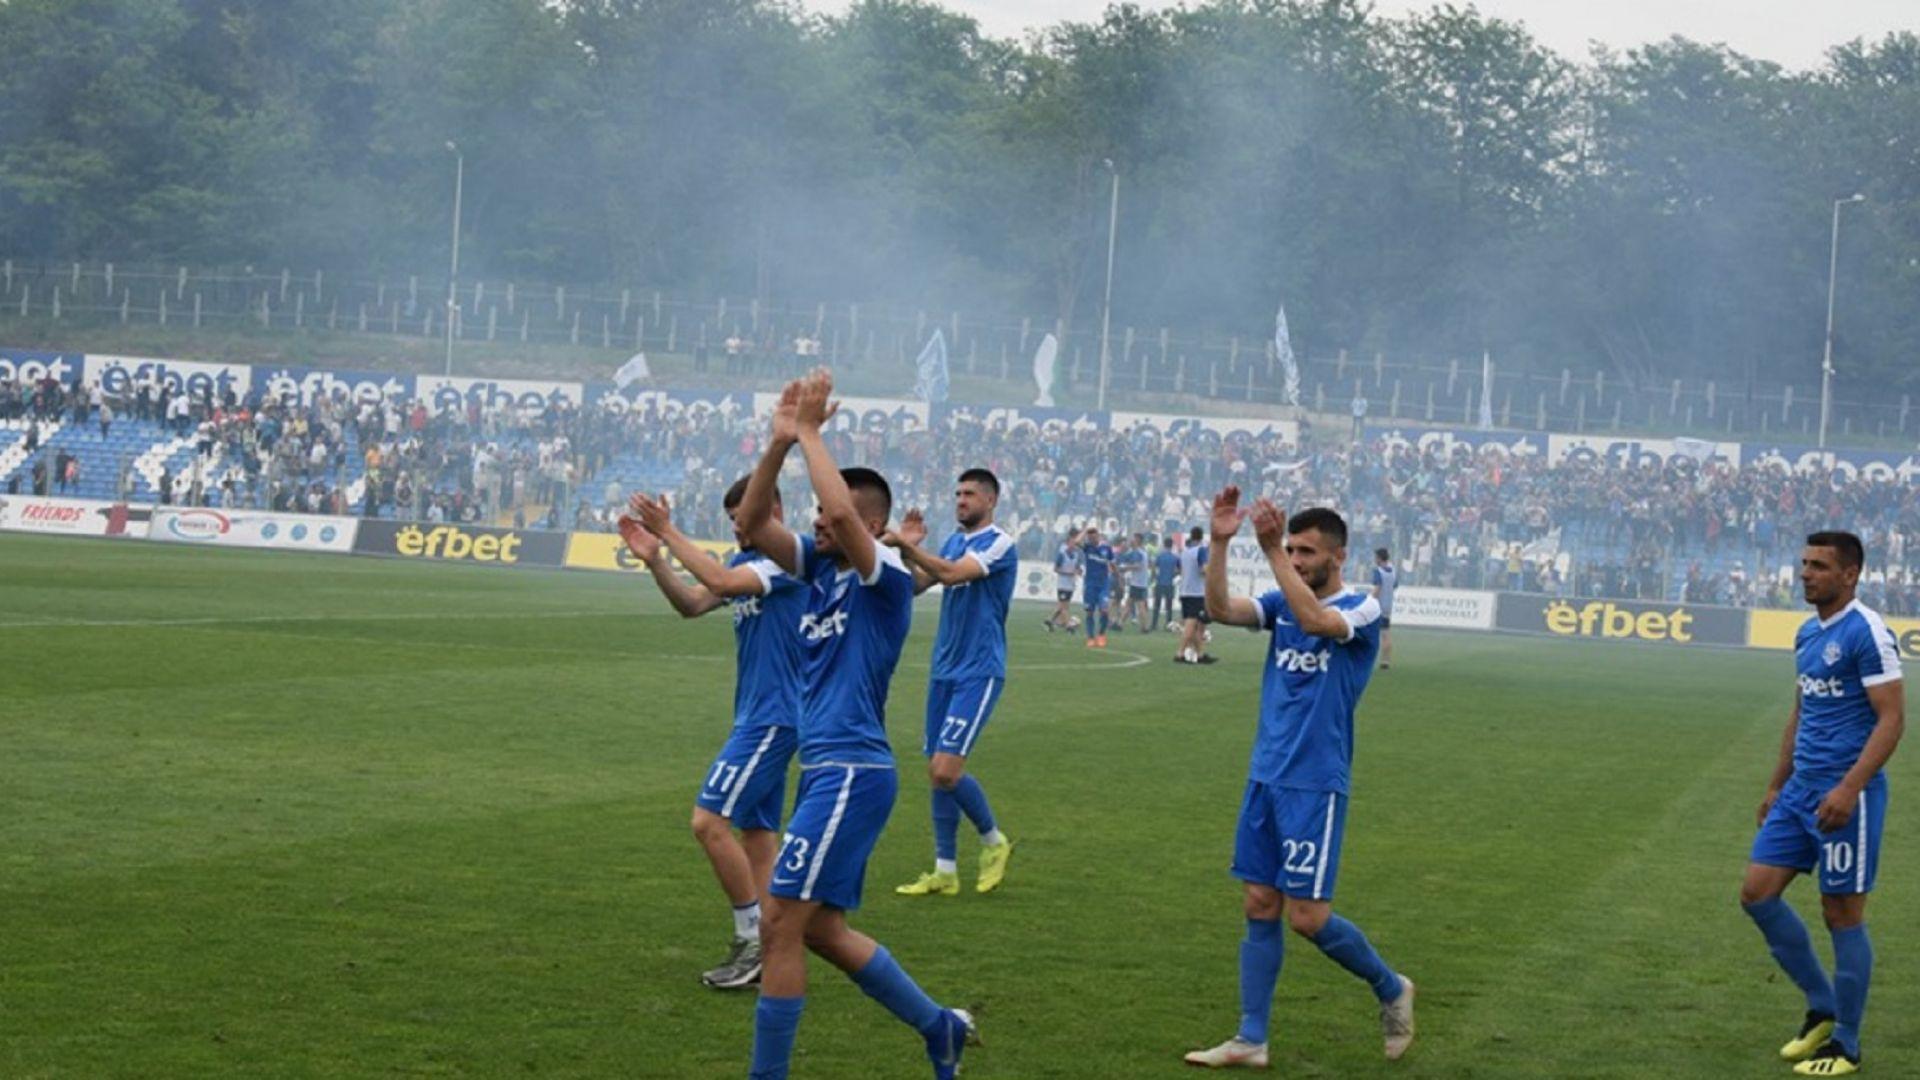 Арда извоюва историческо класиране в Първа лига